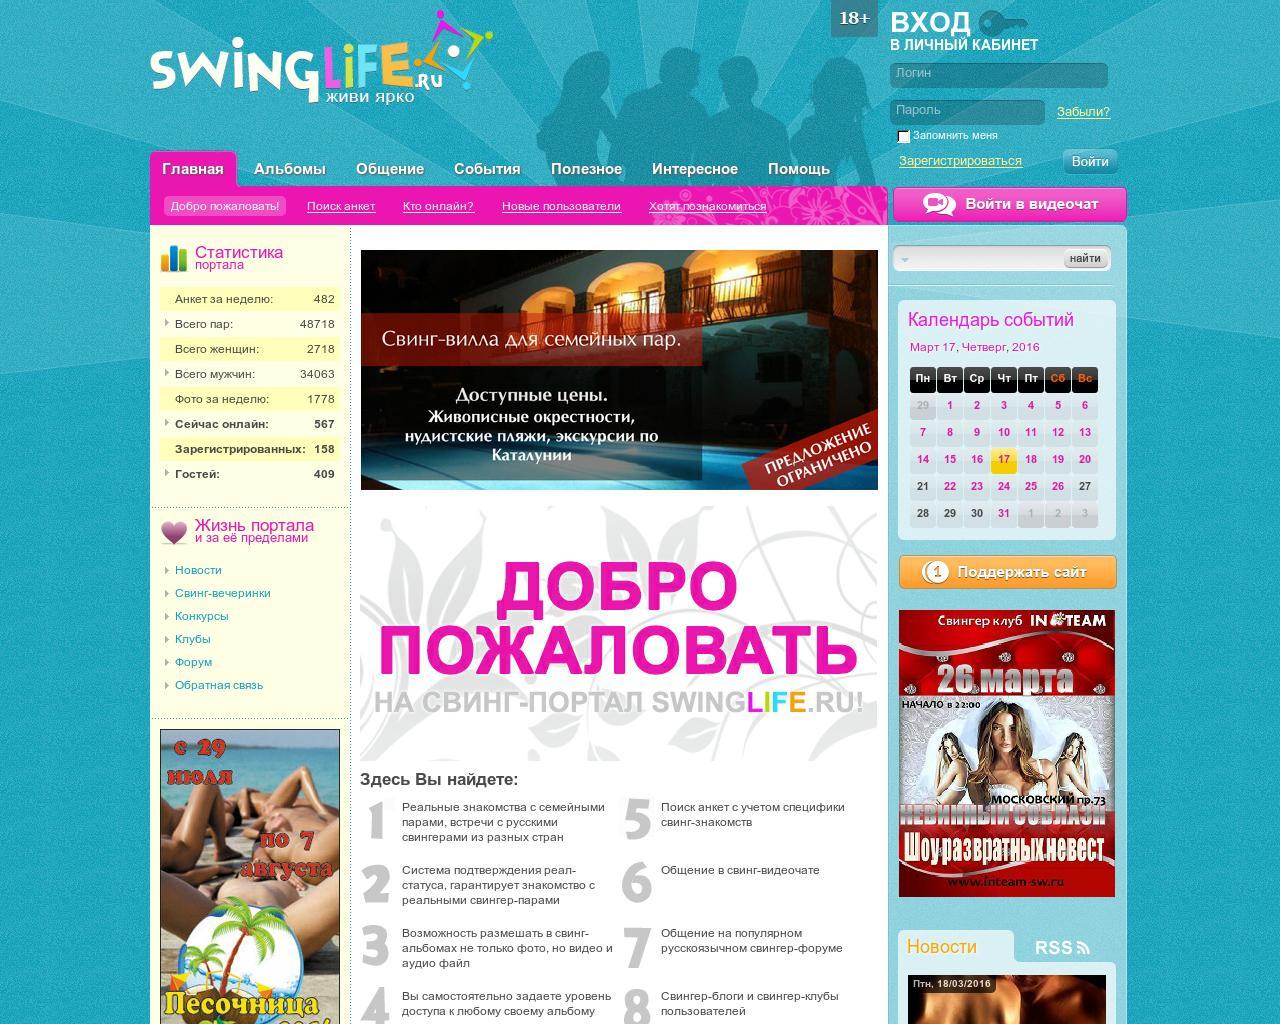 9-porno.ru Swinglife ru